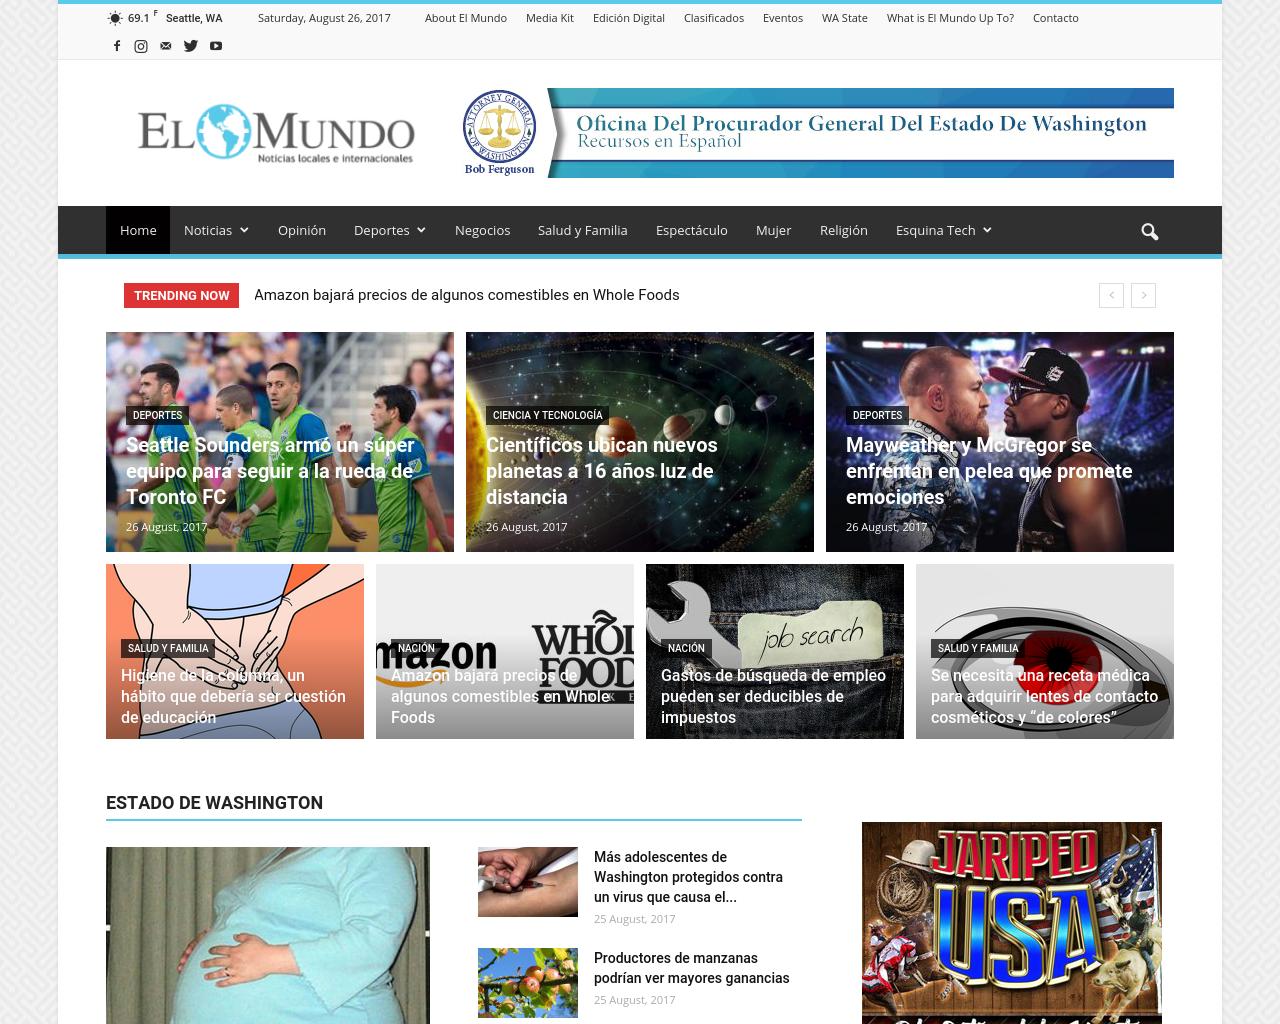 El-Mundo-Noticias-Locales-e-Internacionales-Advertising-Reviews-Pricing